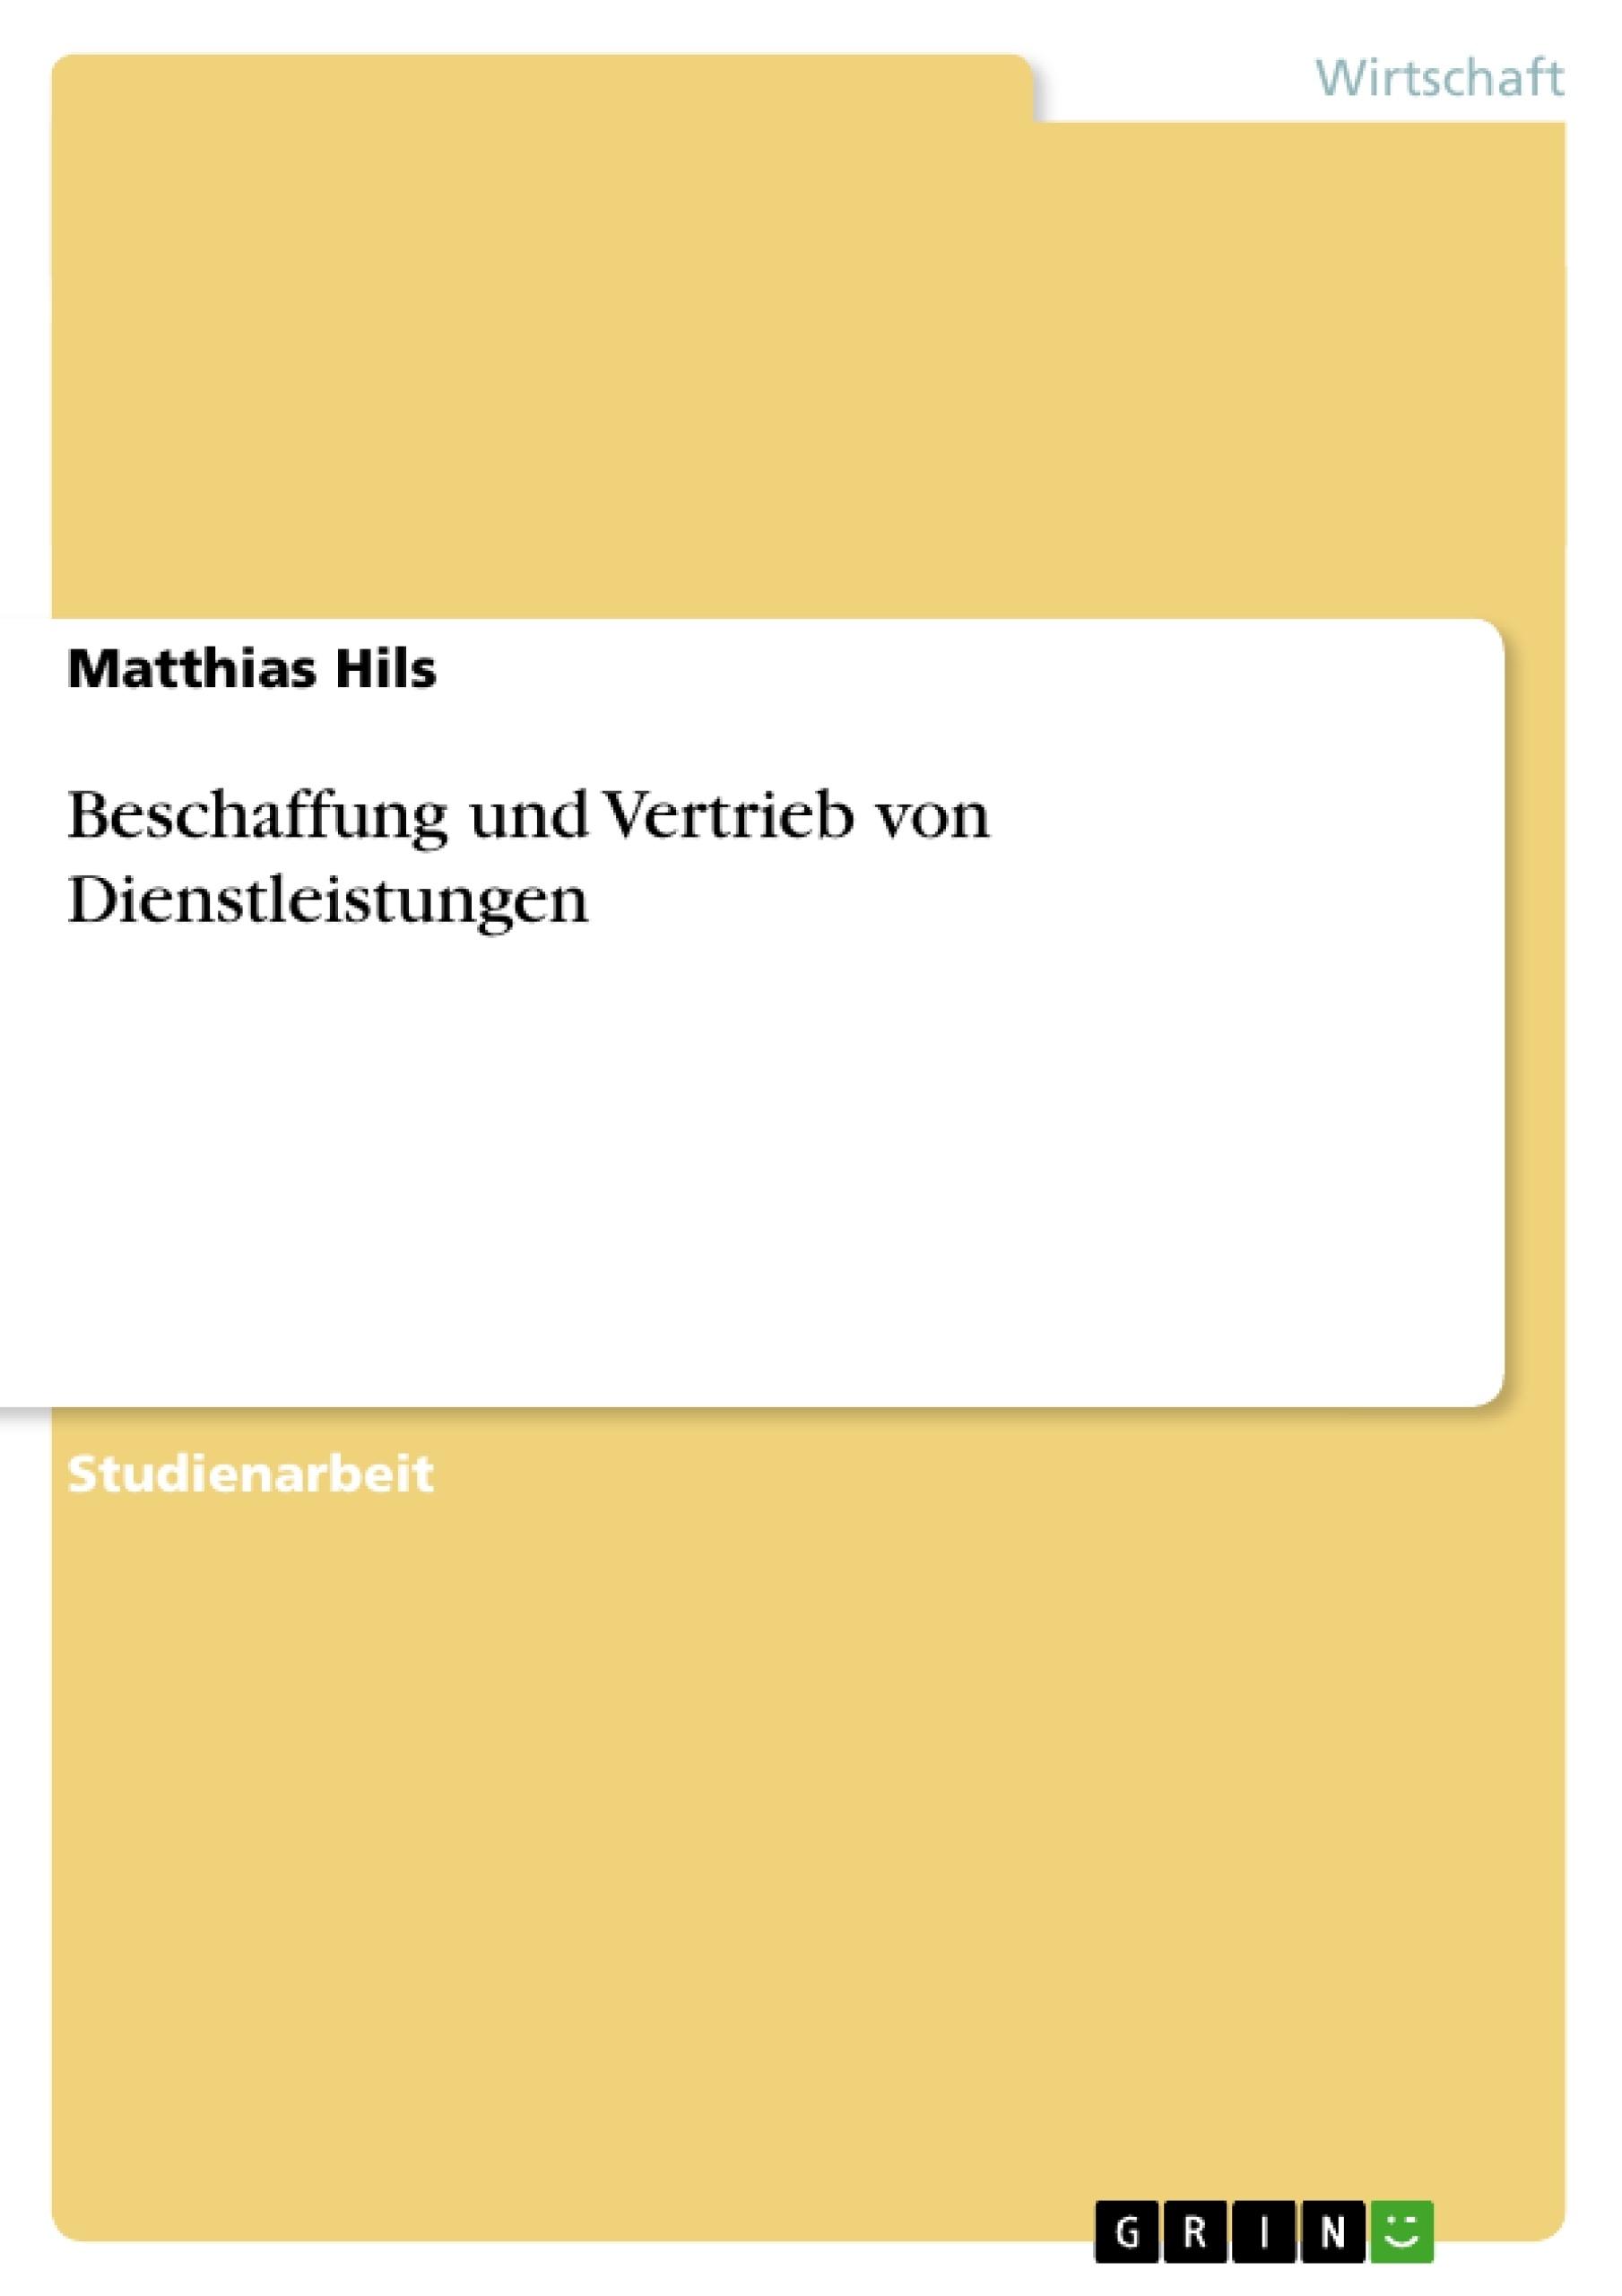 Titel: Beschaffung und Vertrieb von Dienstleistungen